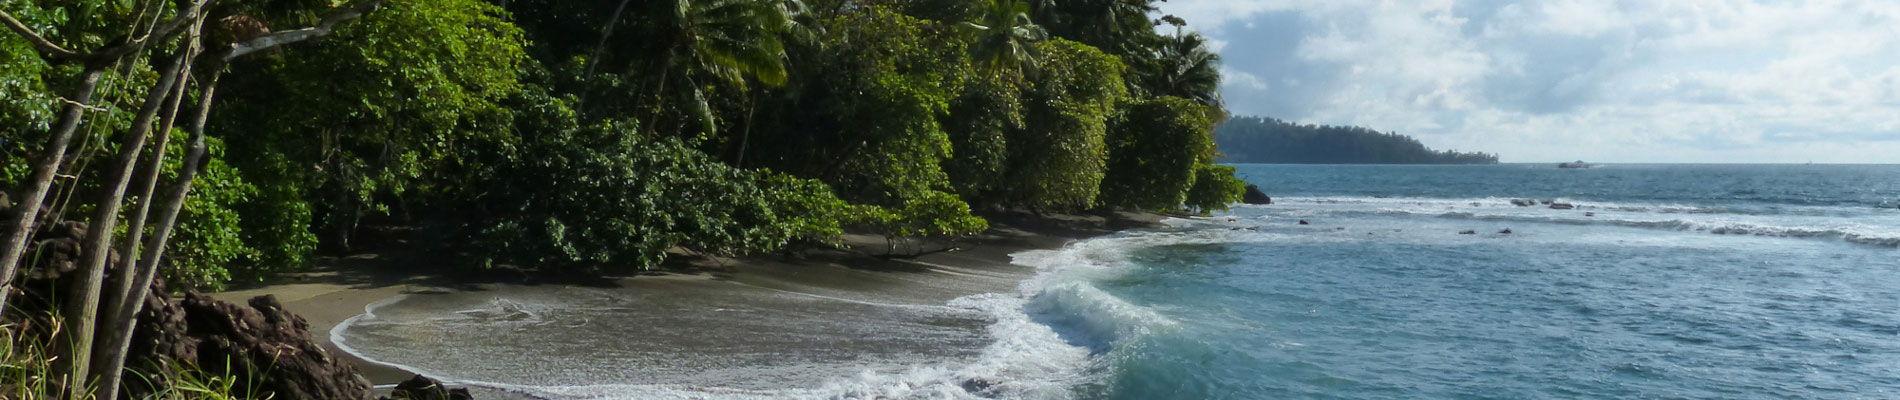 costa-rica-plage-paradisiaque